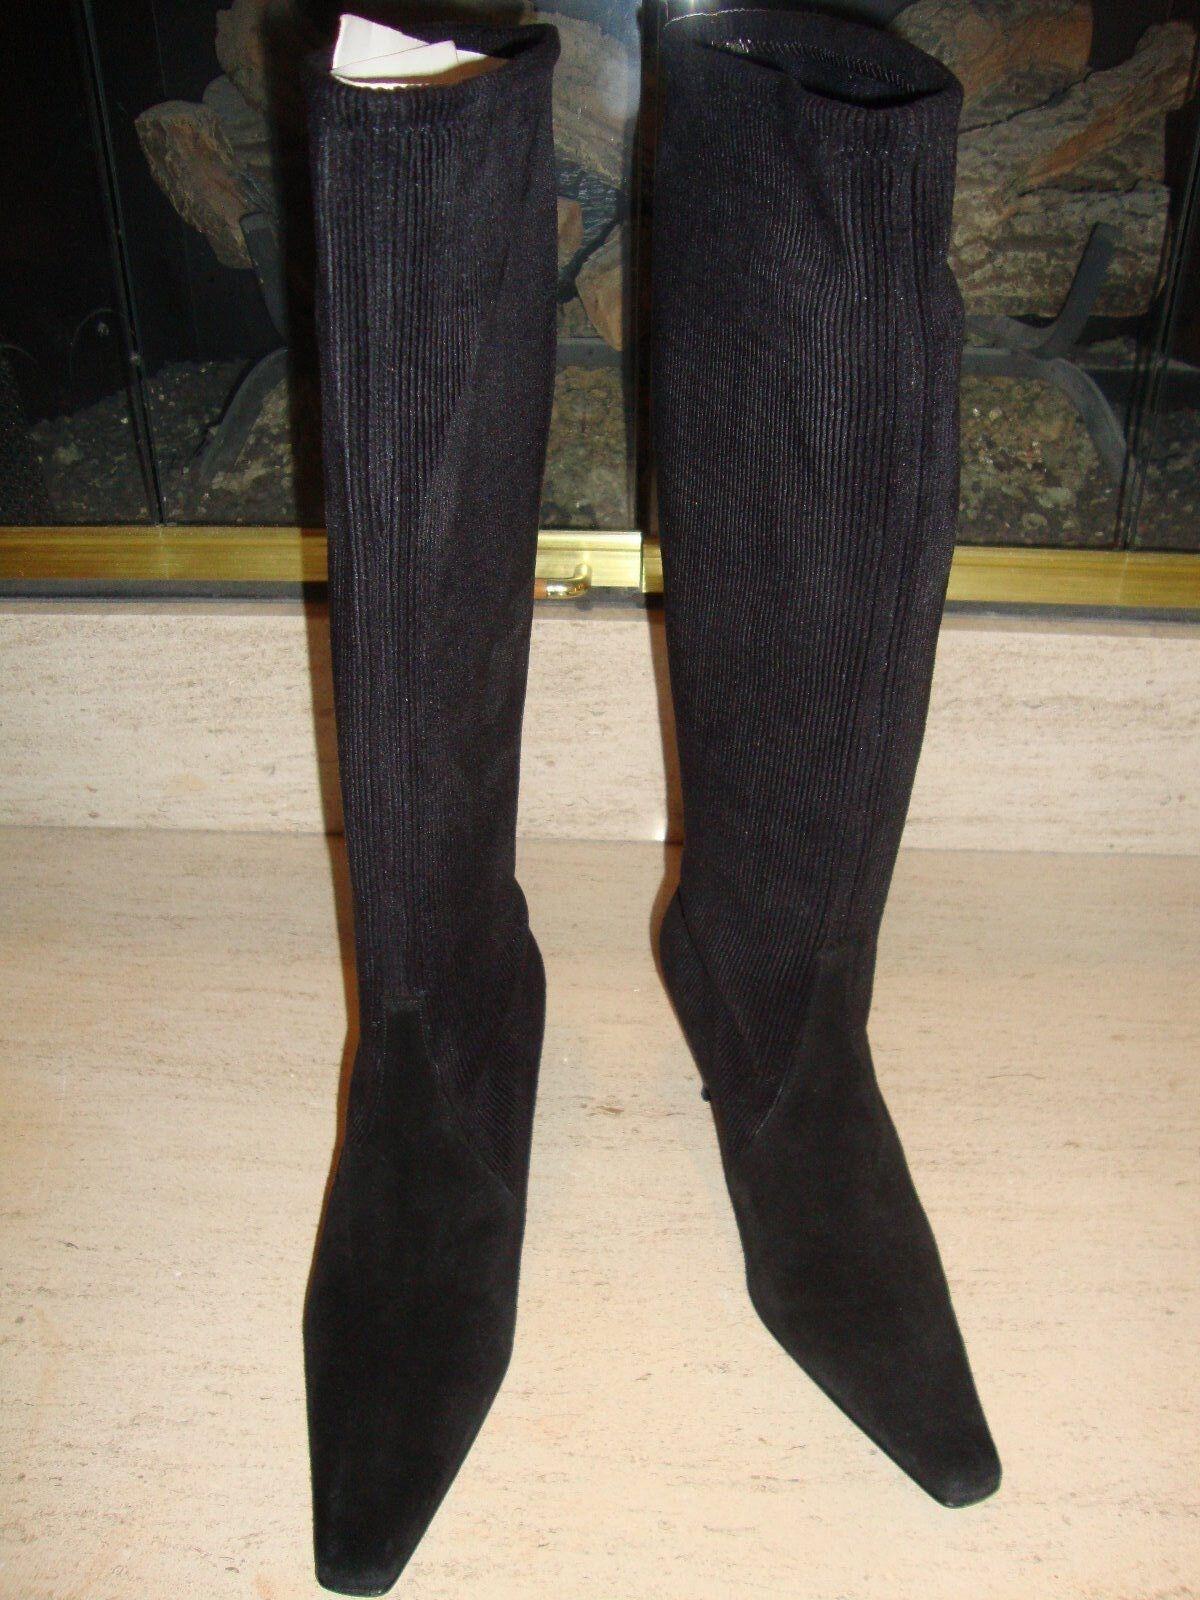 fino al 60% di sconto STYLISH SUEDE AND CORDUROY stivali BY CASADEI CASADEI CASADEI  bellissima